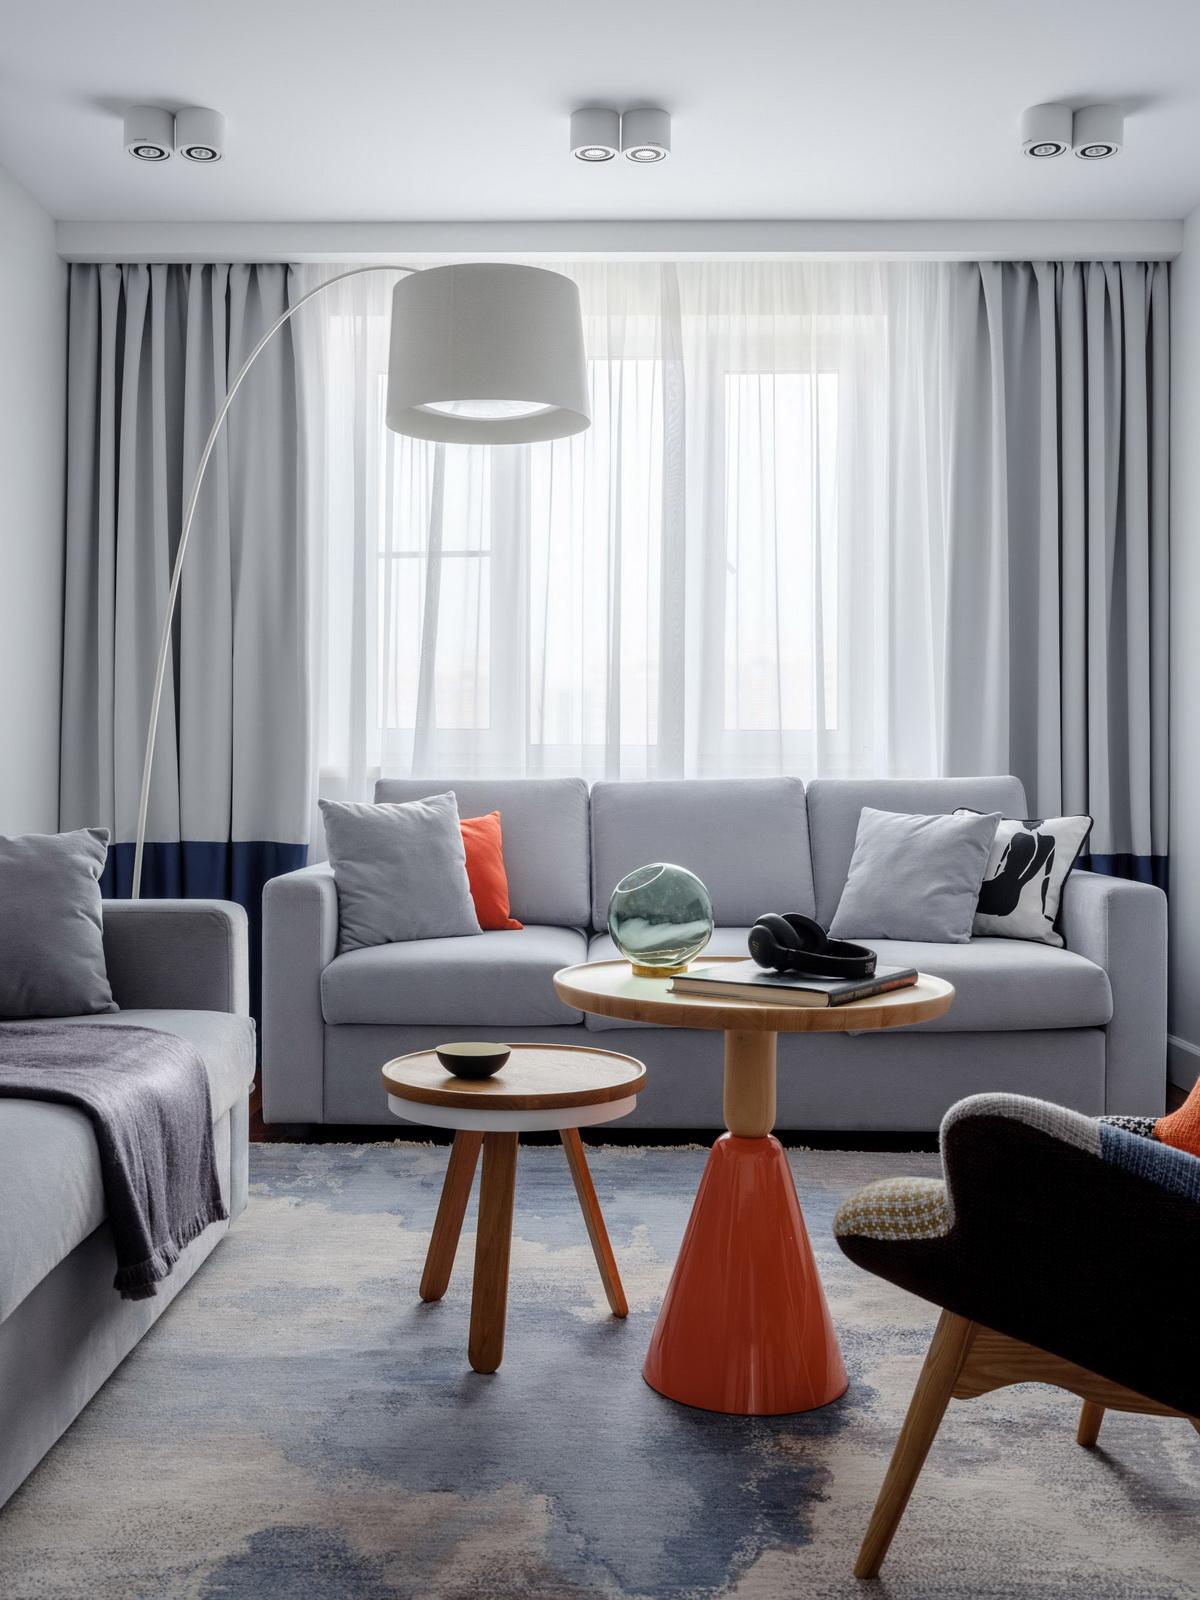 Новинки дизайна штор для гостиной (125 фото): дизайнерские портьеры 2020 года, примеры занавесок в зал для современного интерьера, как подобрать цвет